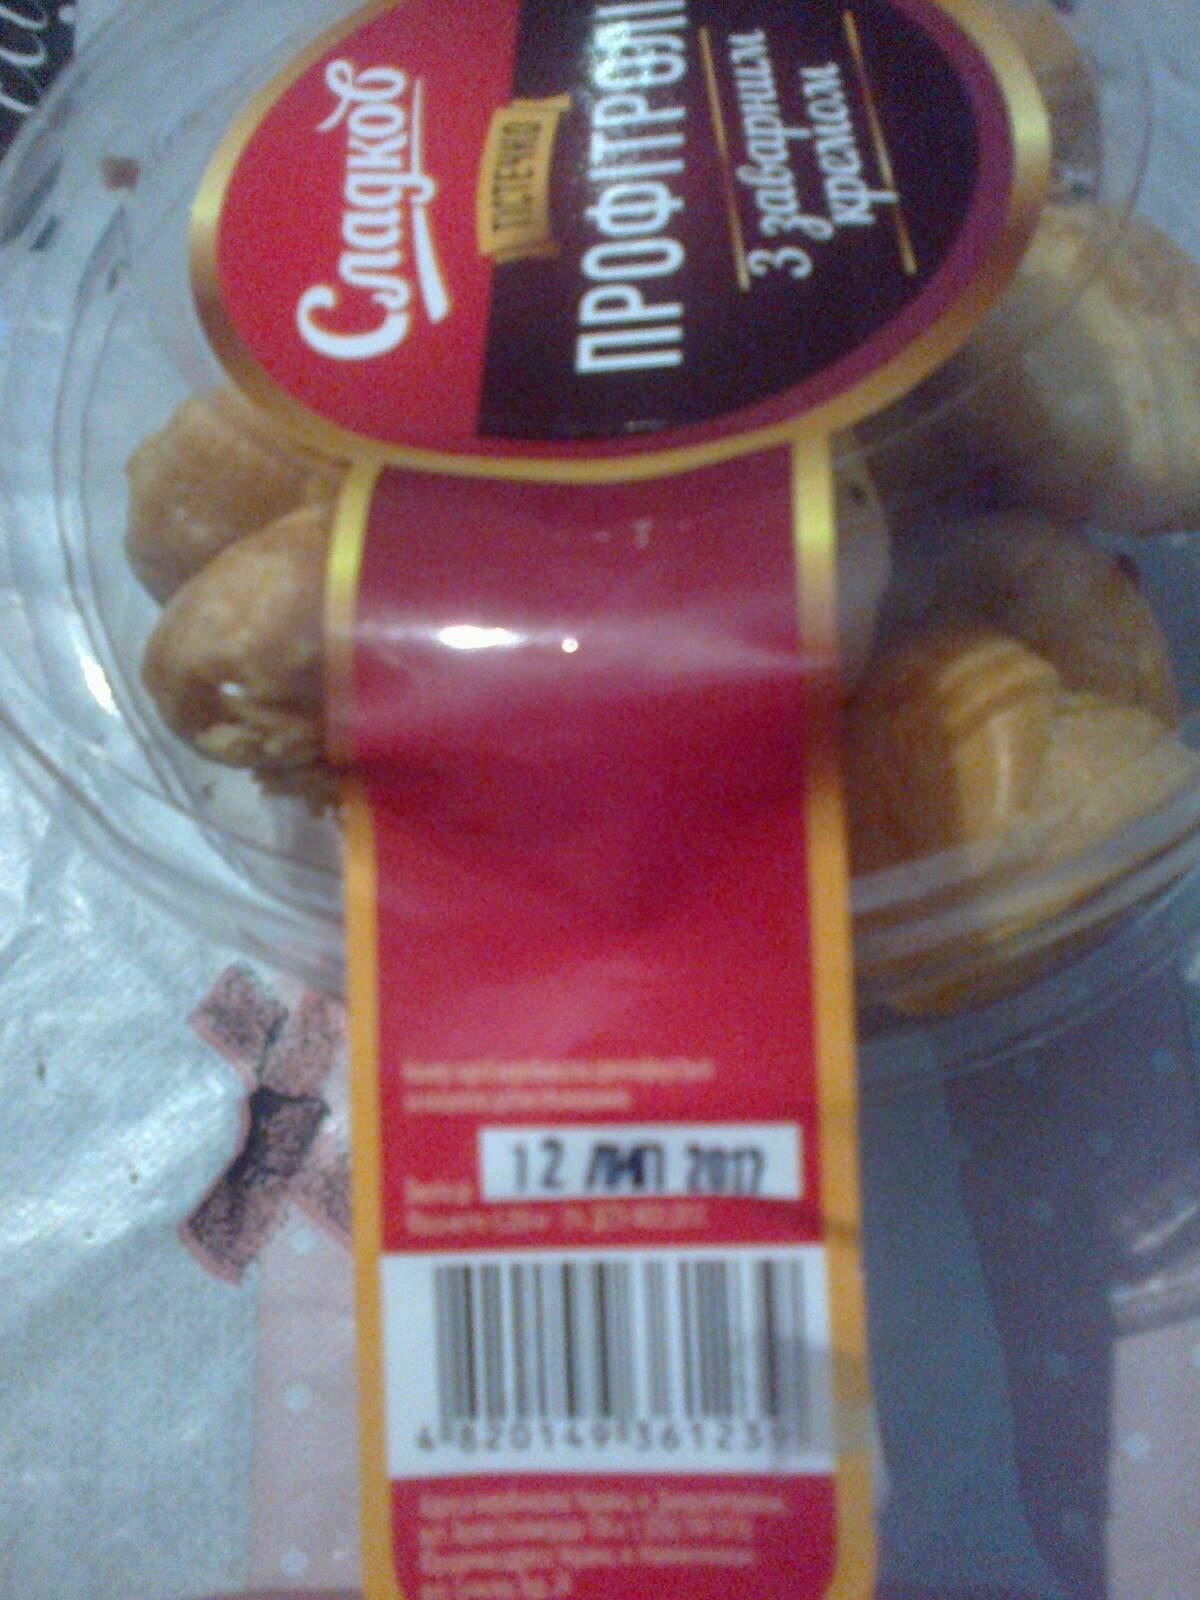 В харьковском супермаркете реализуют профитроли с плесенью (фото)